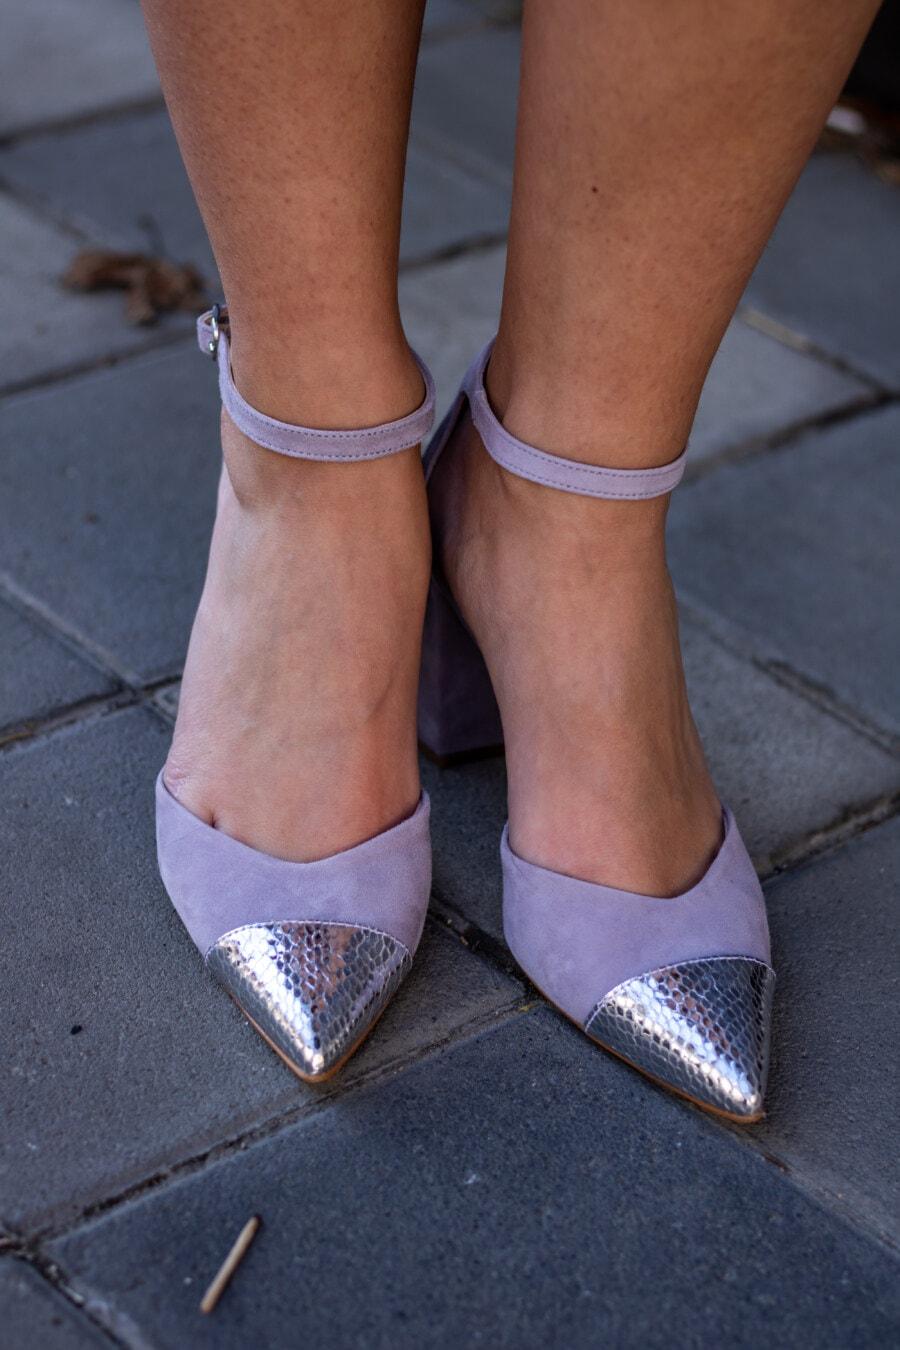 жена, краката, бос, сандал, лейди, класически, обувки, обувки, едър план, настилка